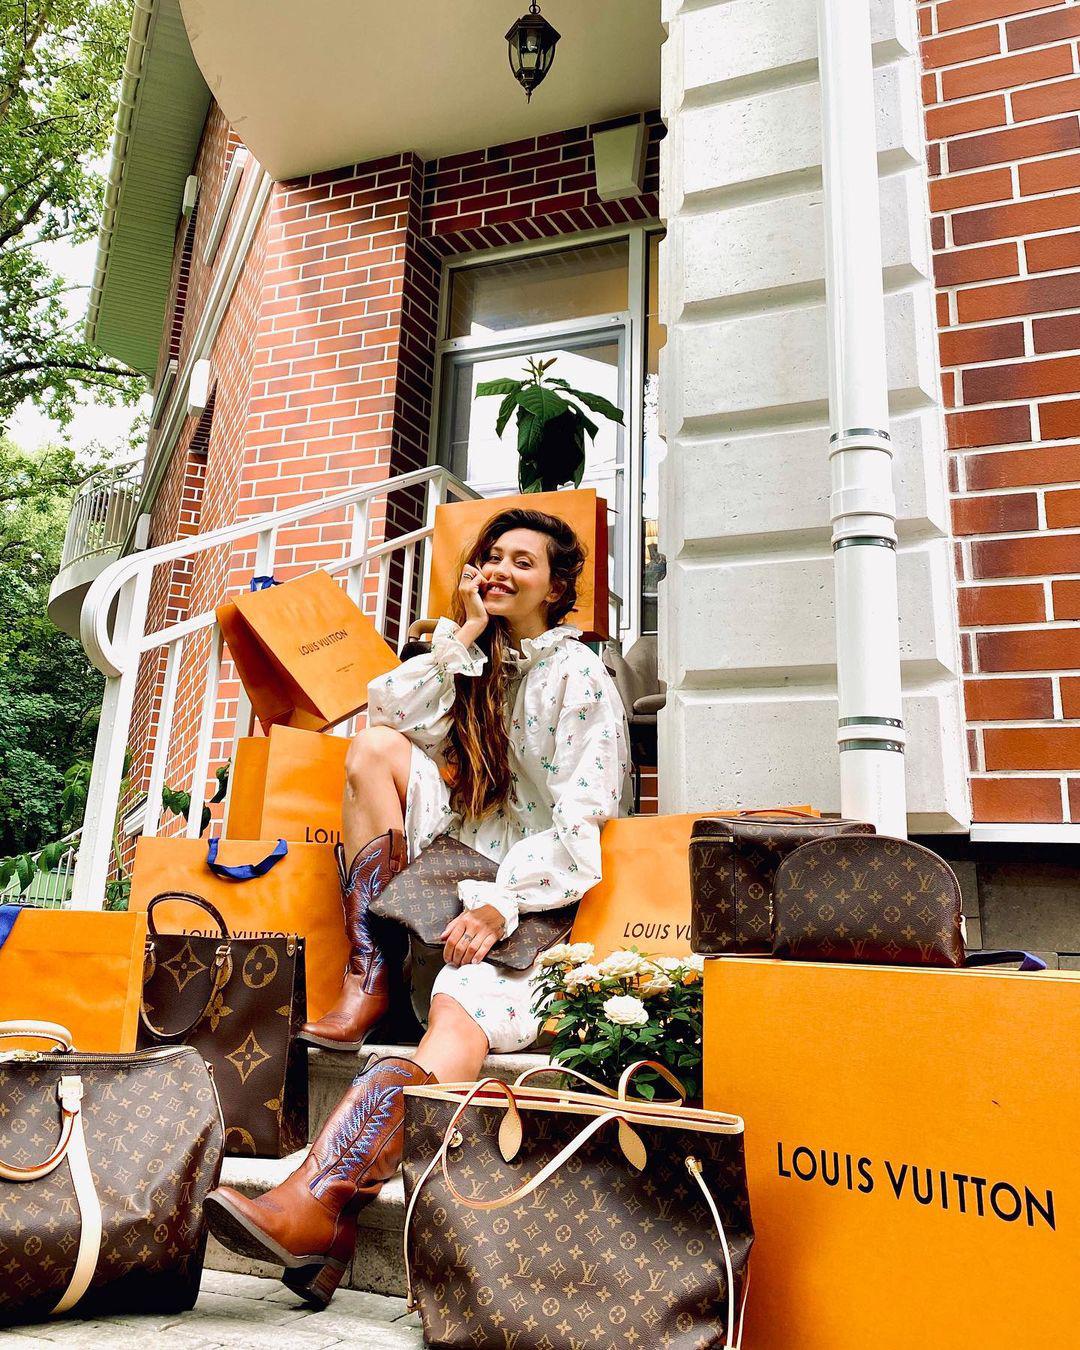 Регина Тодоренко в розыгрыше сумок Louis Vuitton